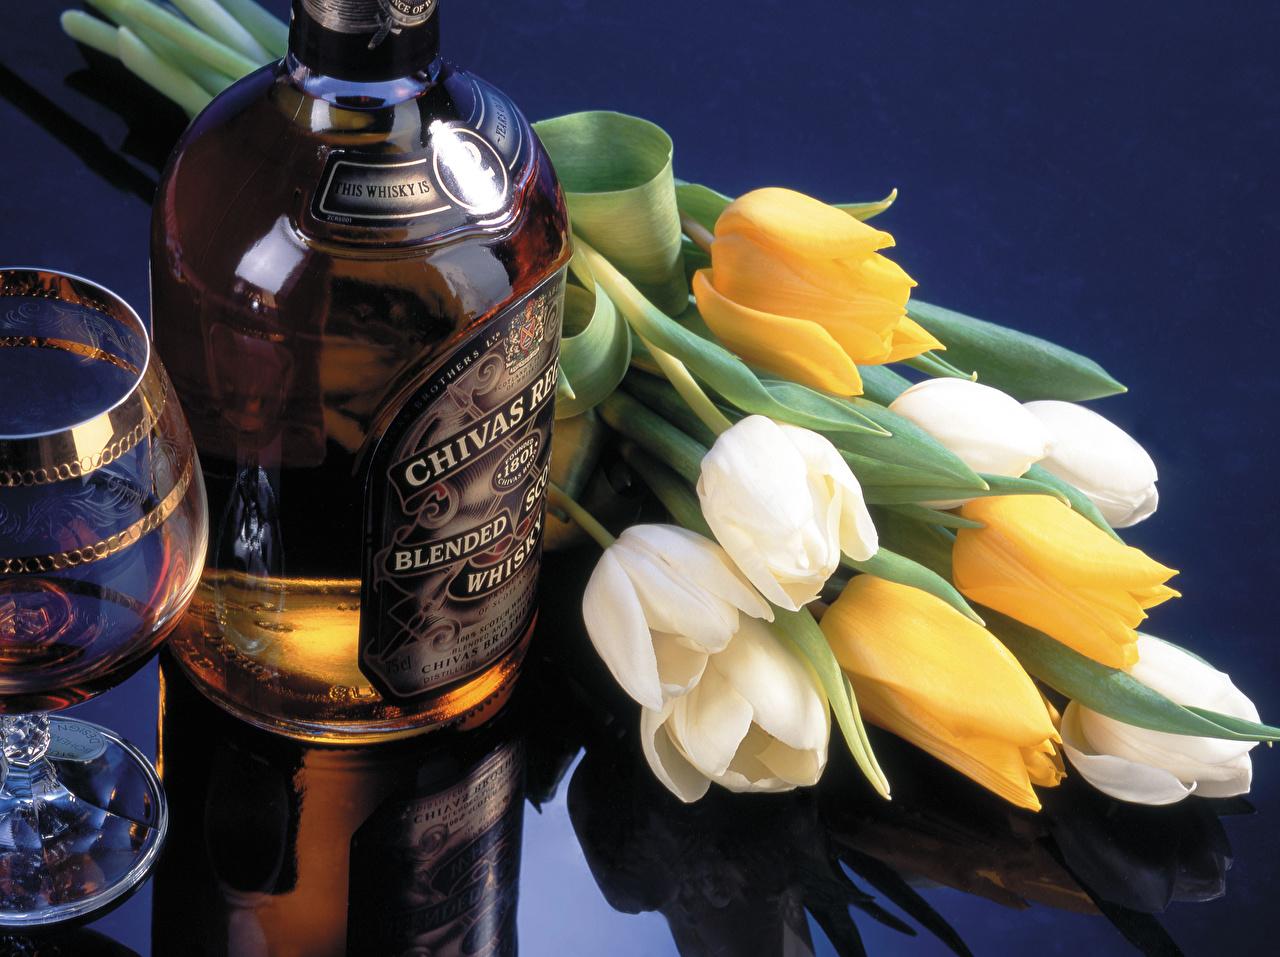 Картинки Алкогольные напитки Виски Тюльпаны Цветы Бутылка бутылки